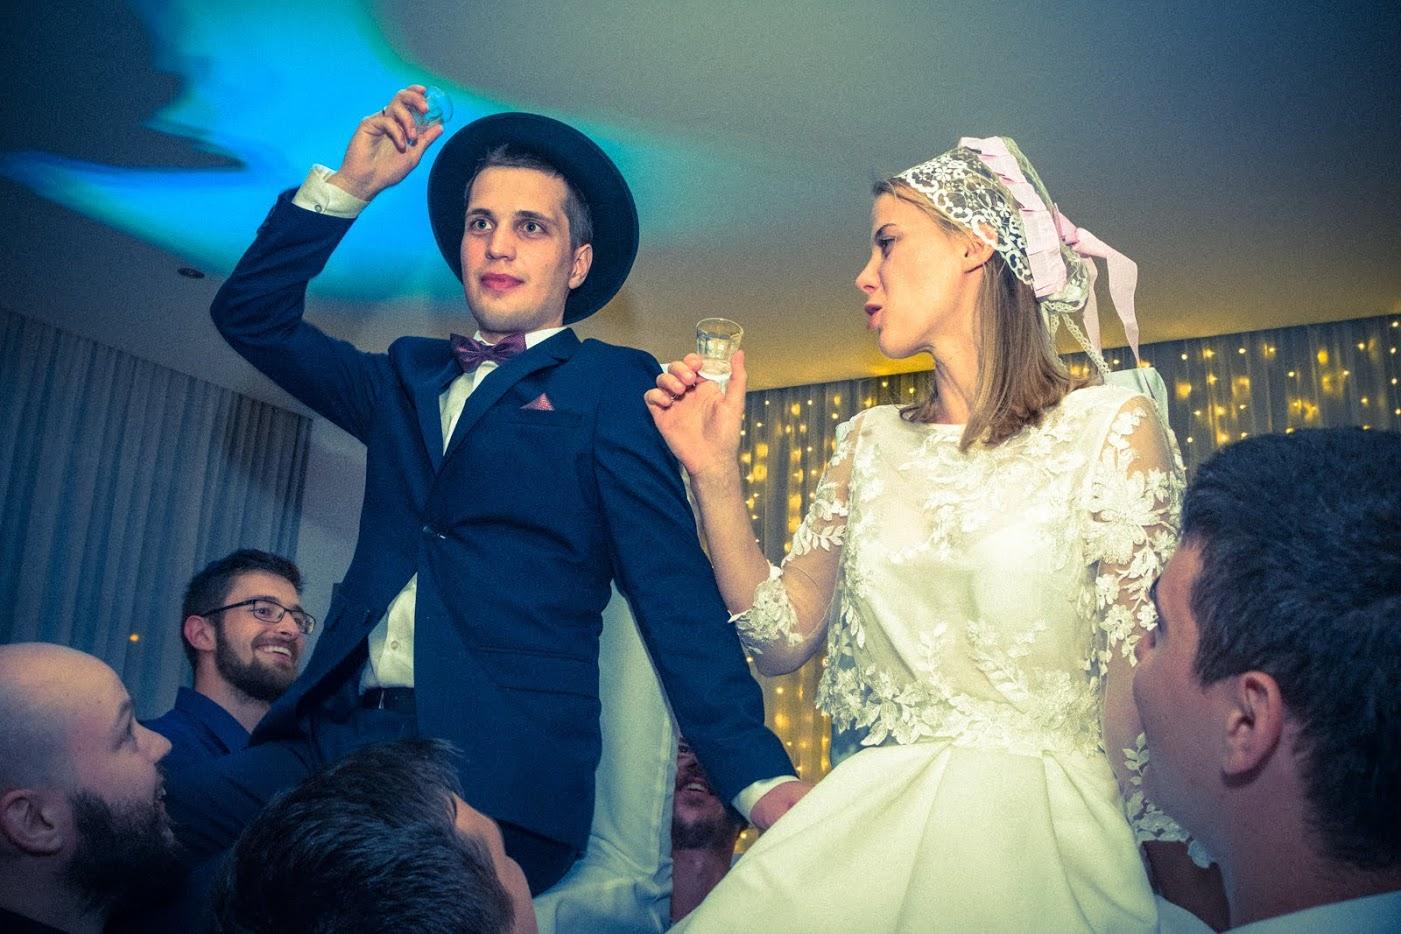 Svadba Maranello Bratislava 05 #svadobnyDJ, #djanasvadbu, #svadba, #svadbabratislava, #maranello